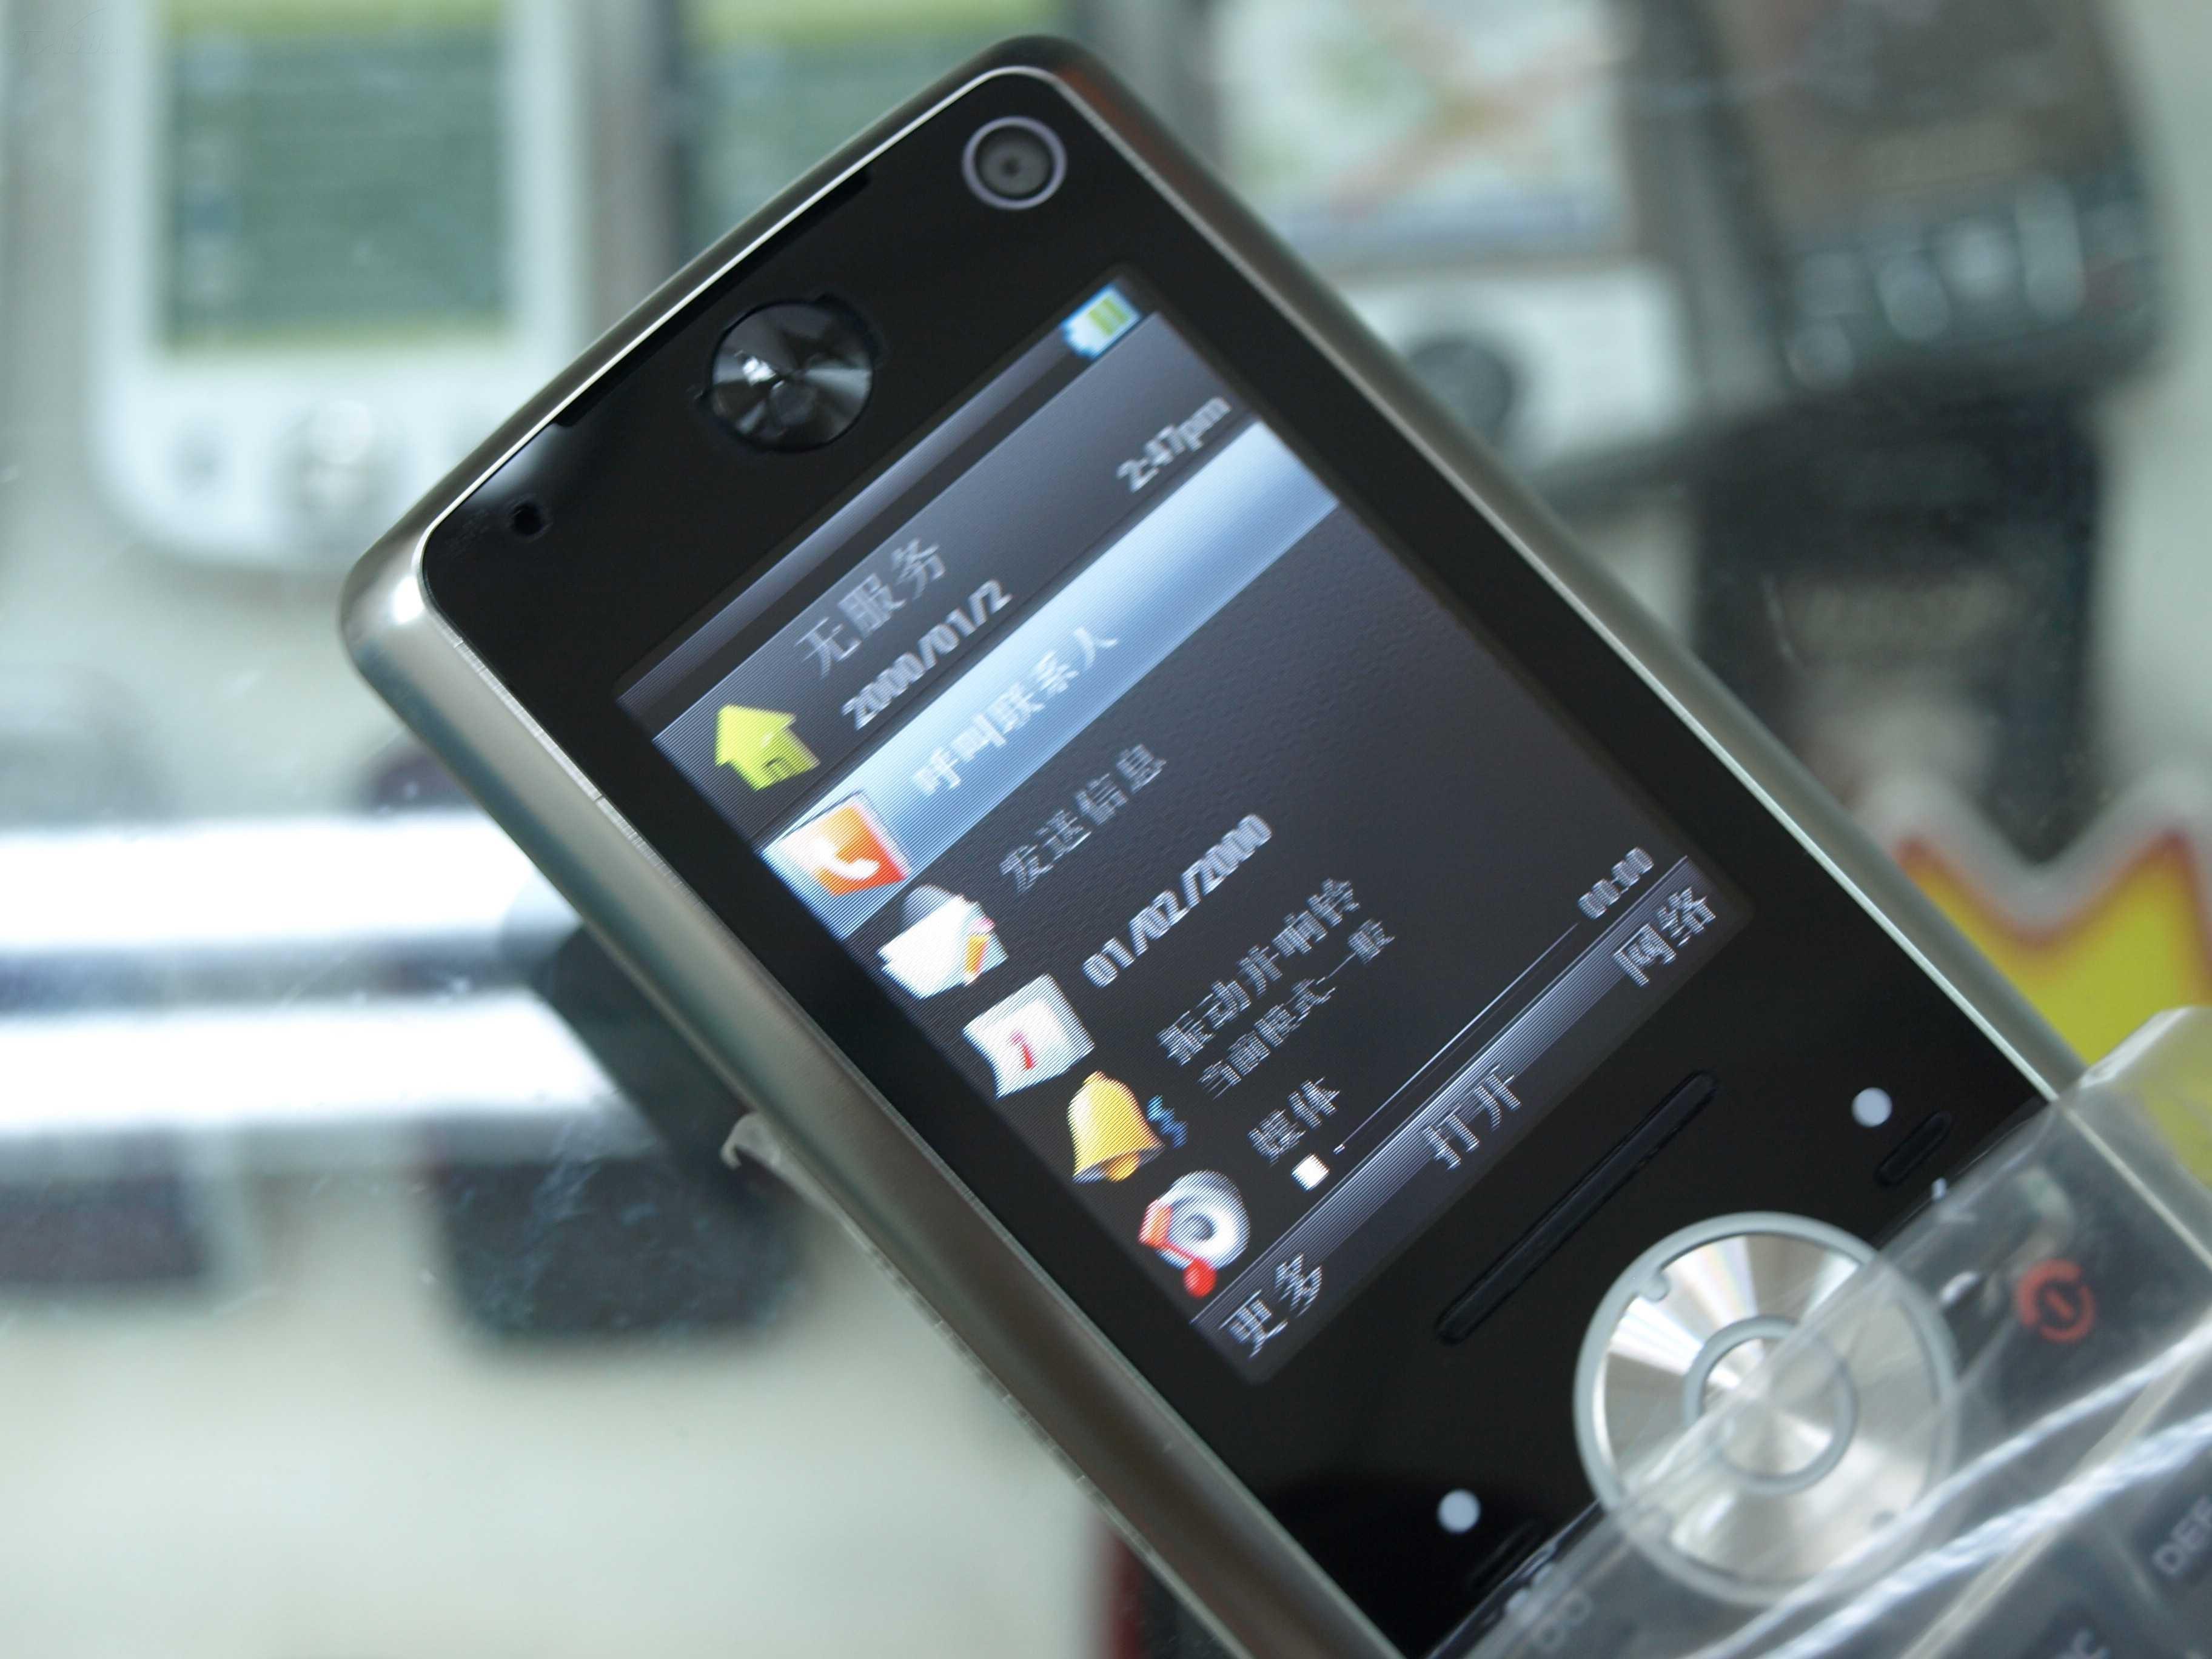 motoz10手机产品图片16素材-it168手机图片大全